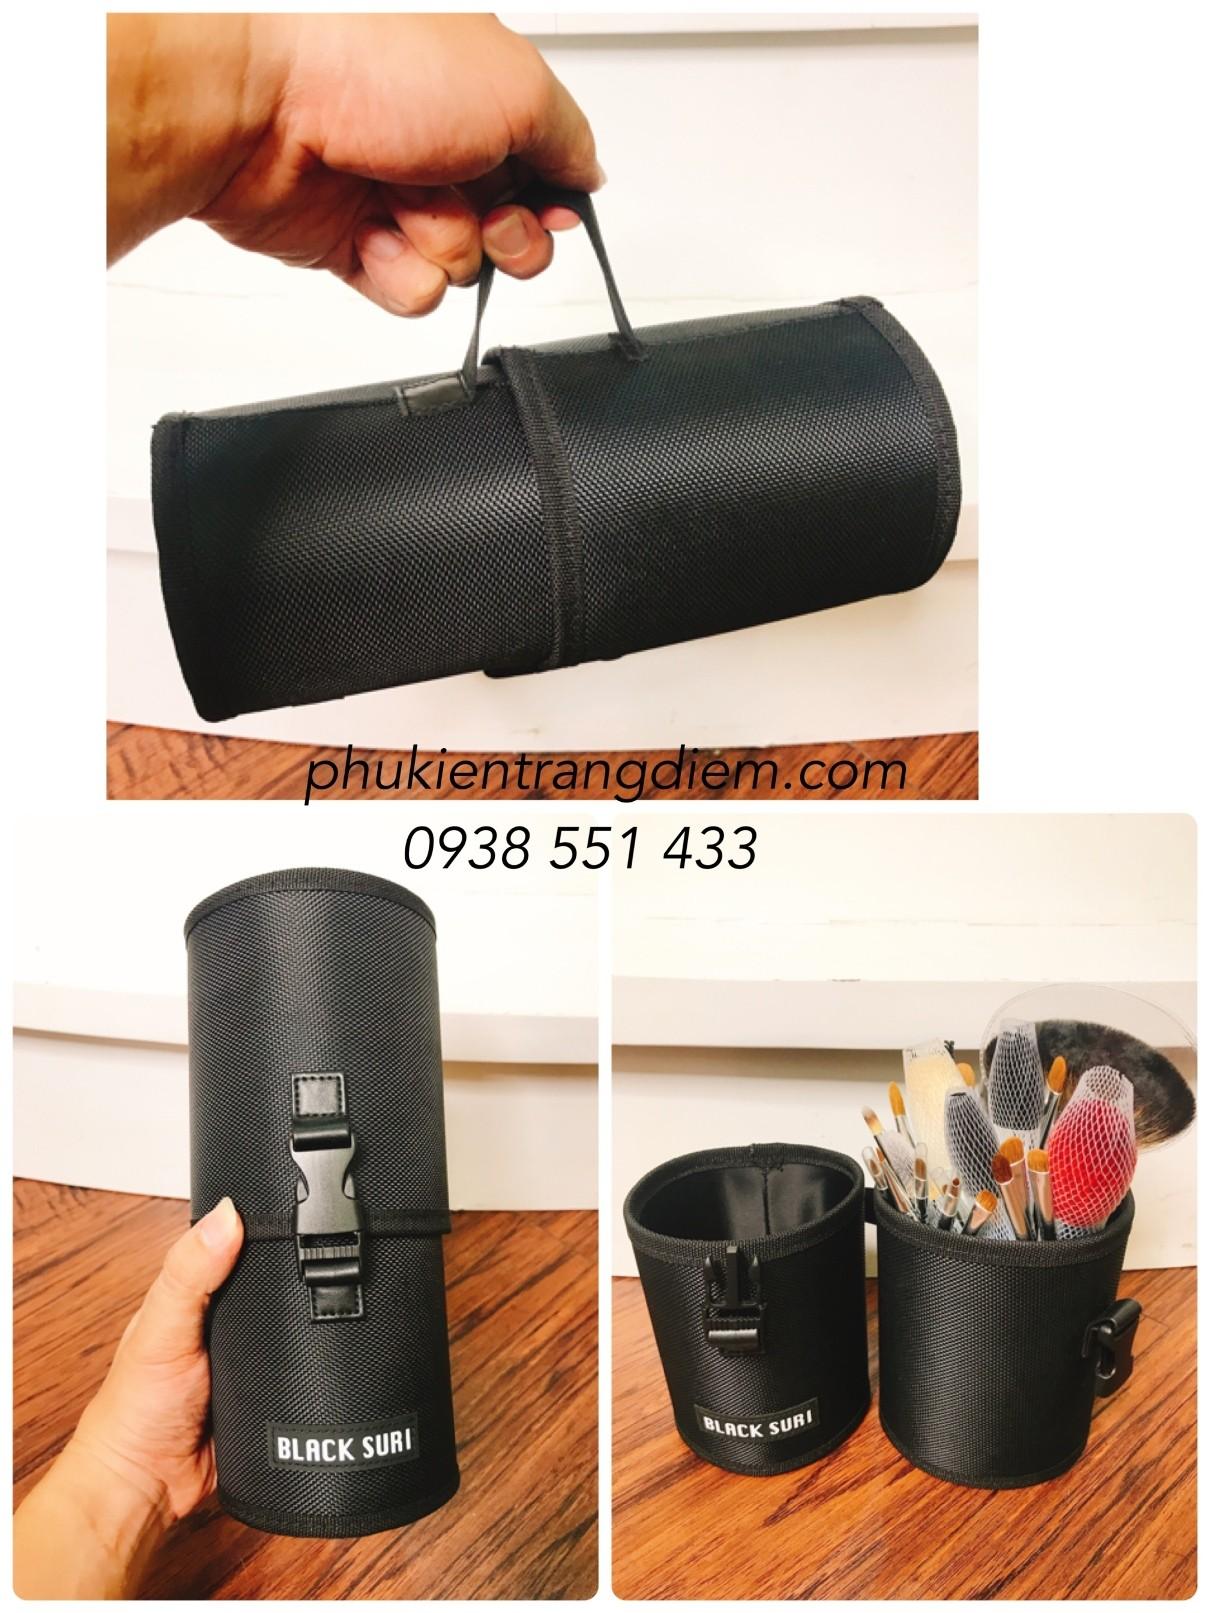 bán hộp ống đựng cọ trang điểm bằng vải cao cấp